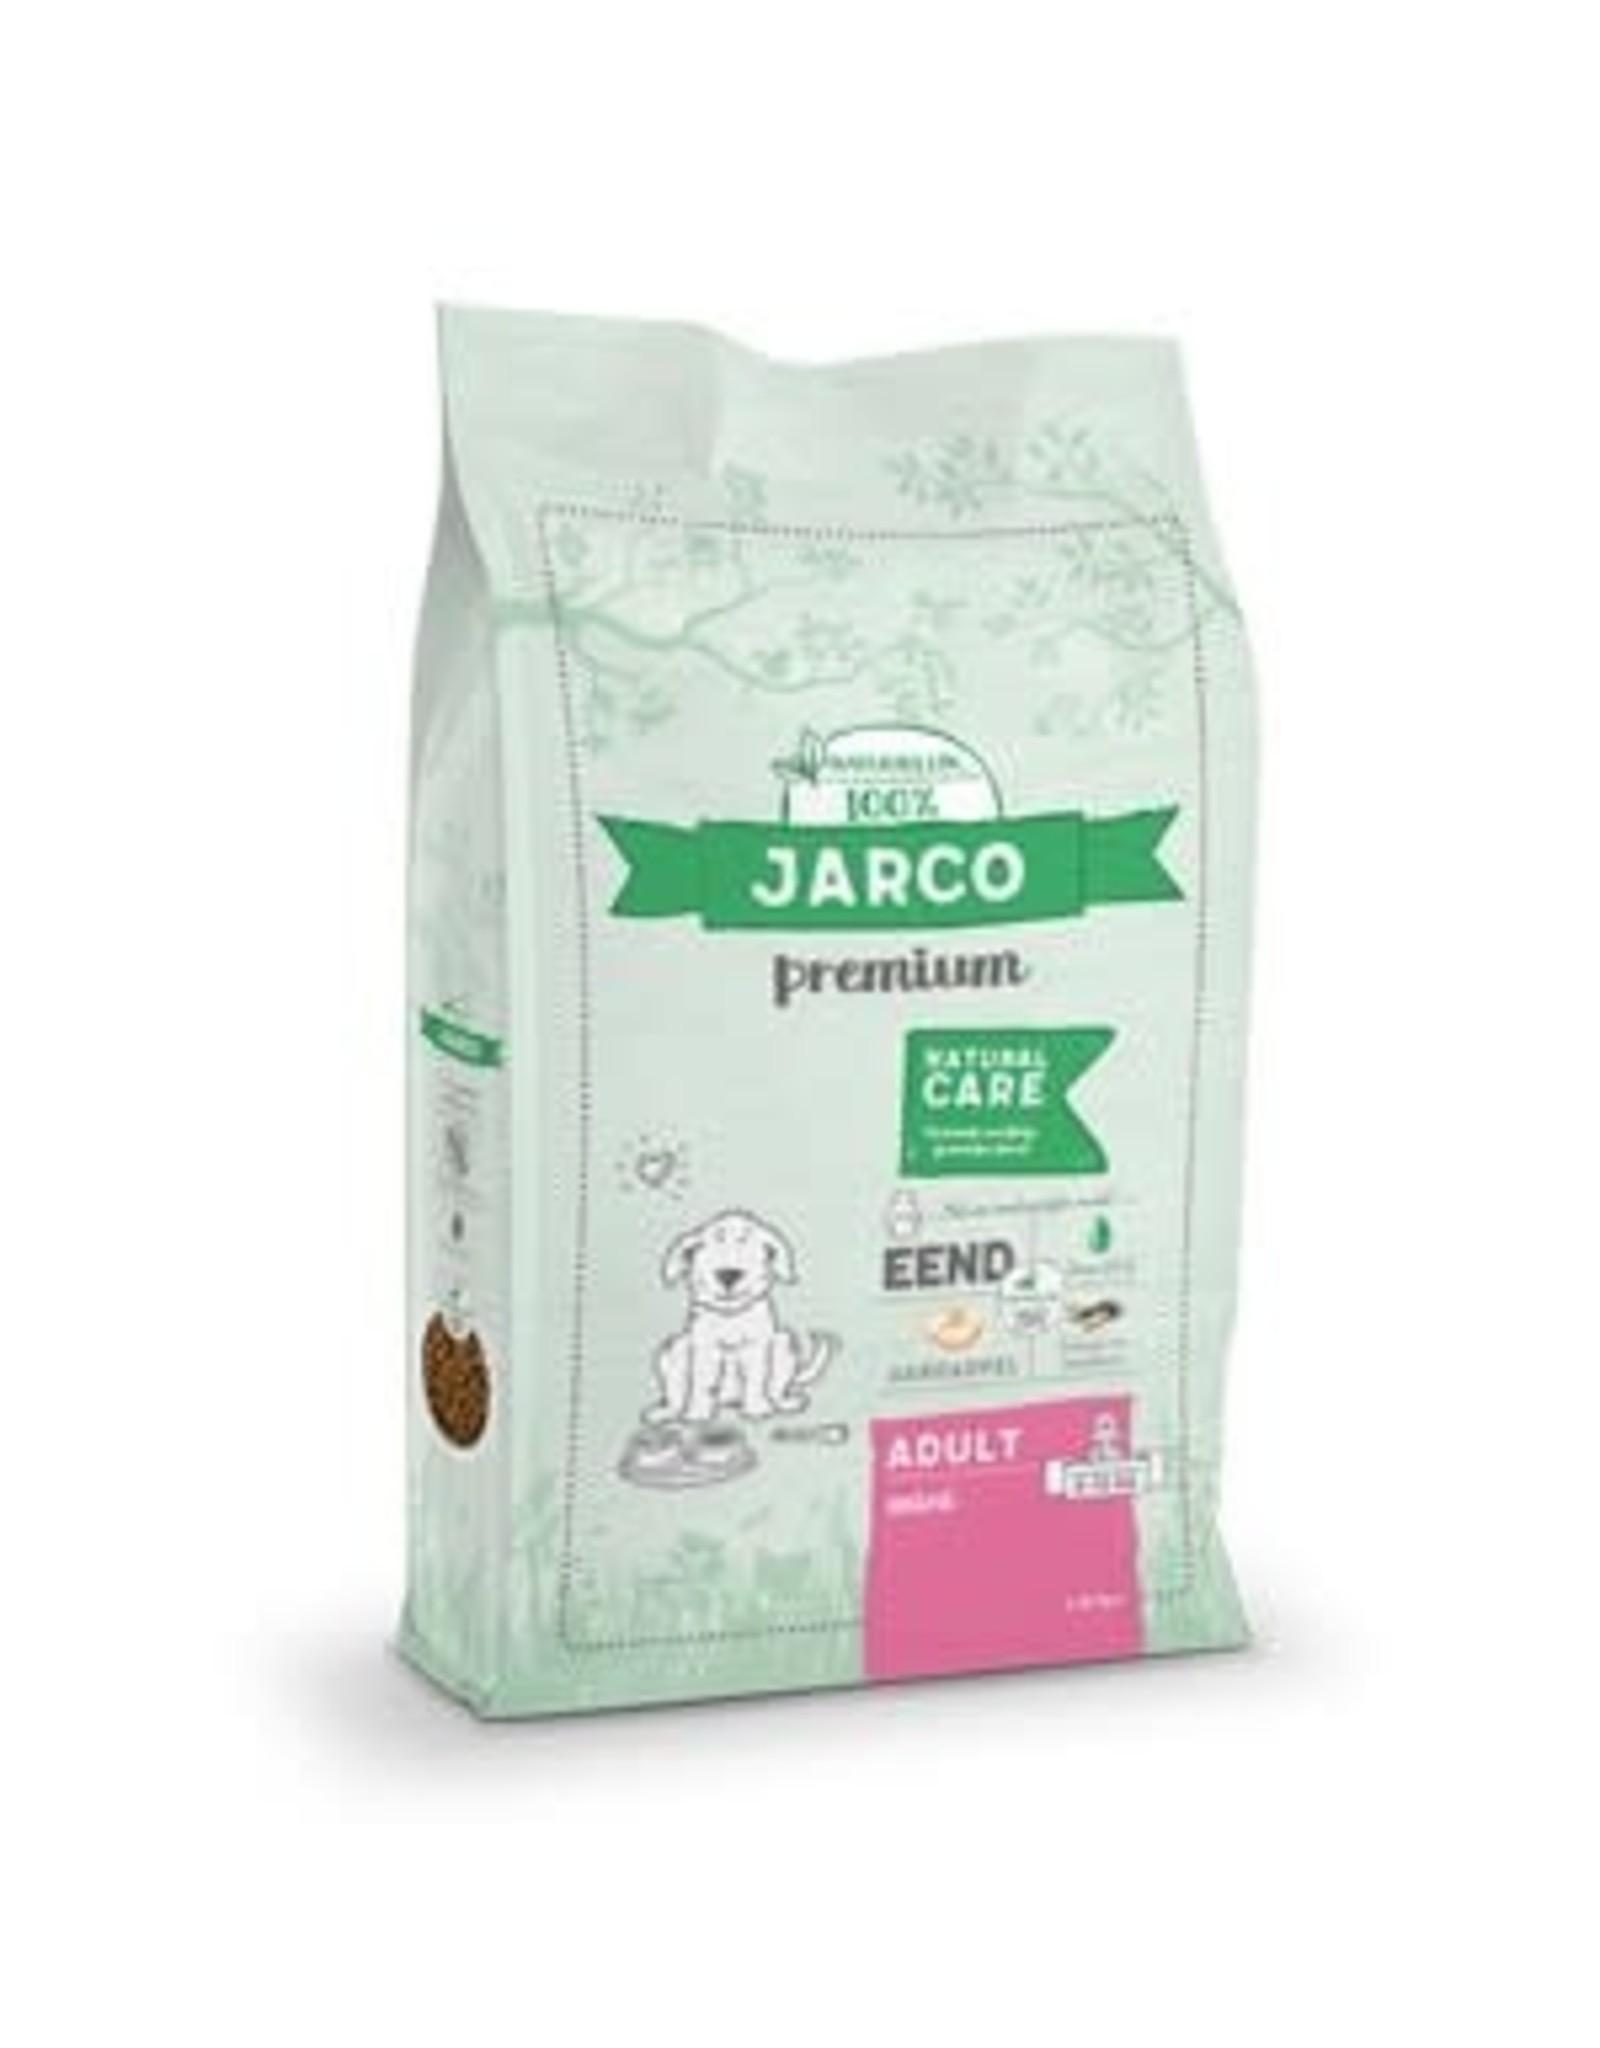 Jarco Mini Adult 2-10 Kg - Eend - 1,75Kg